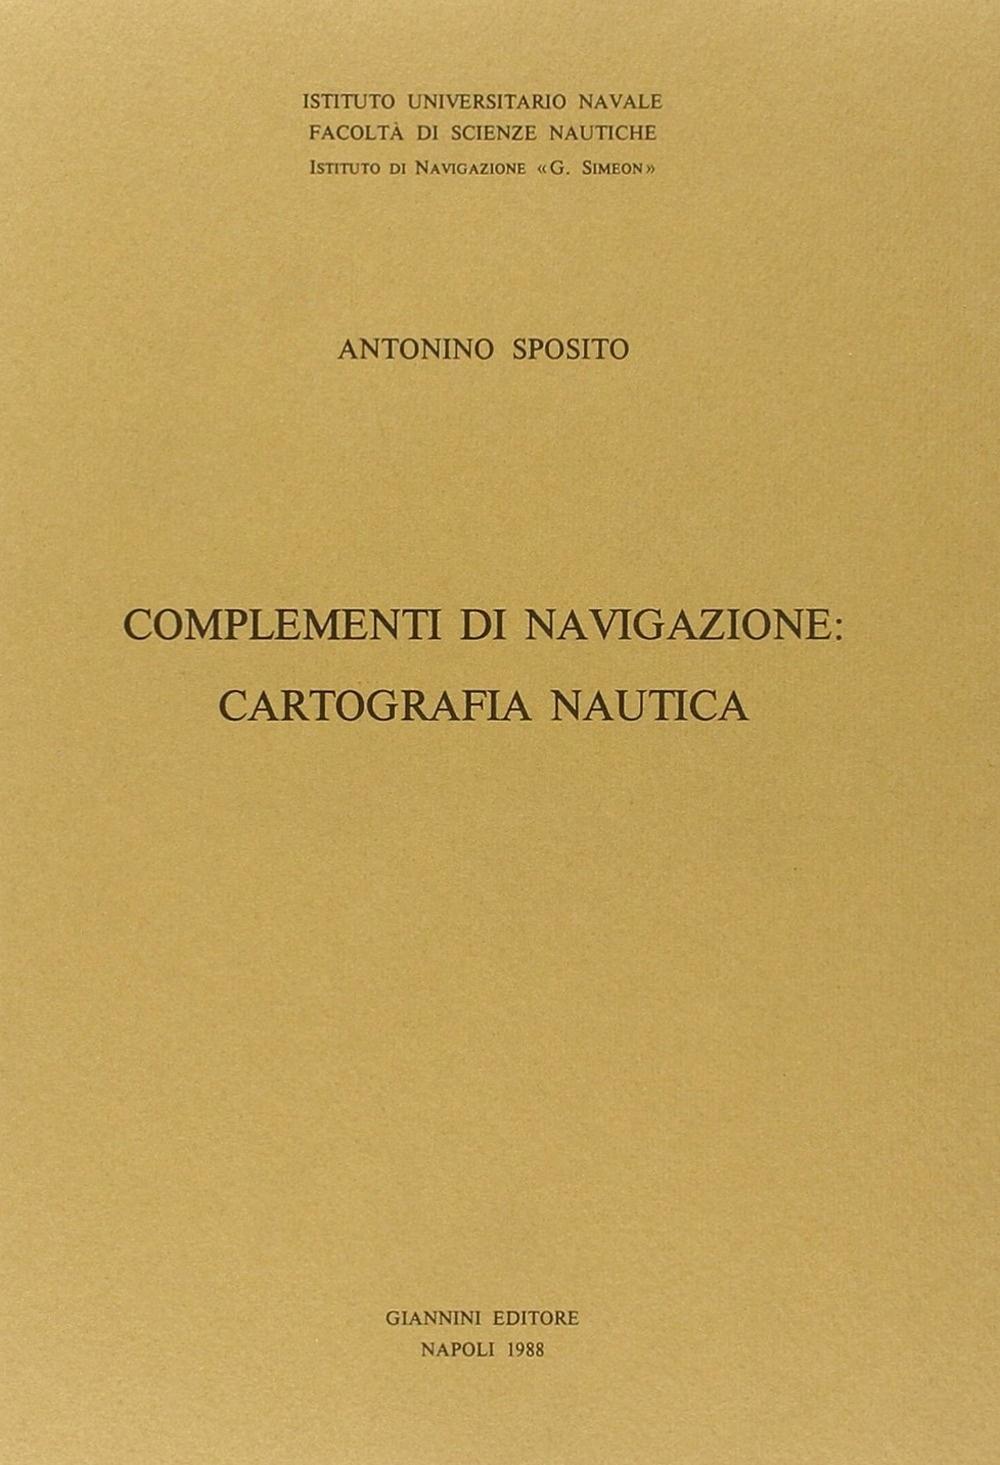 Complementi di navigazione: cartografia nautica